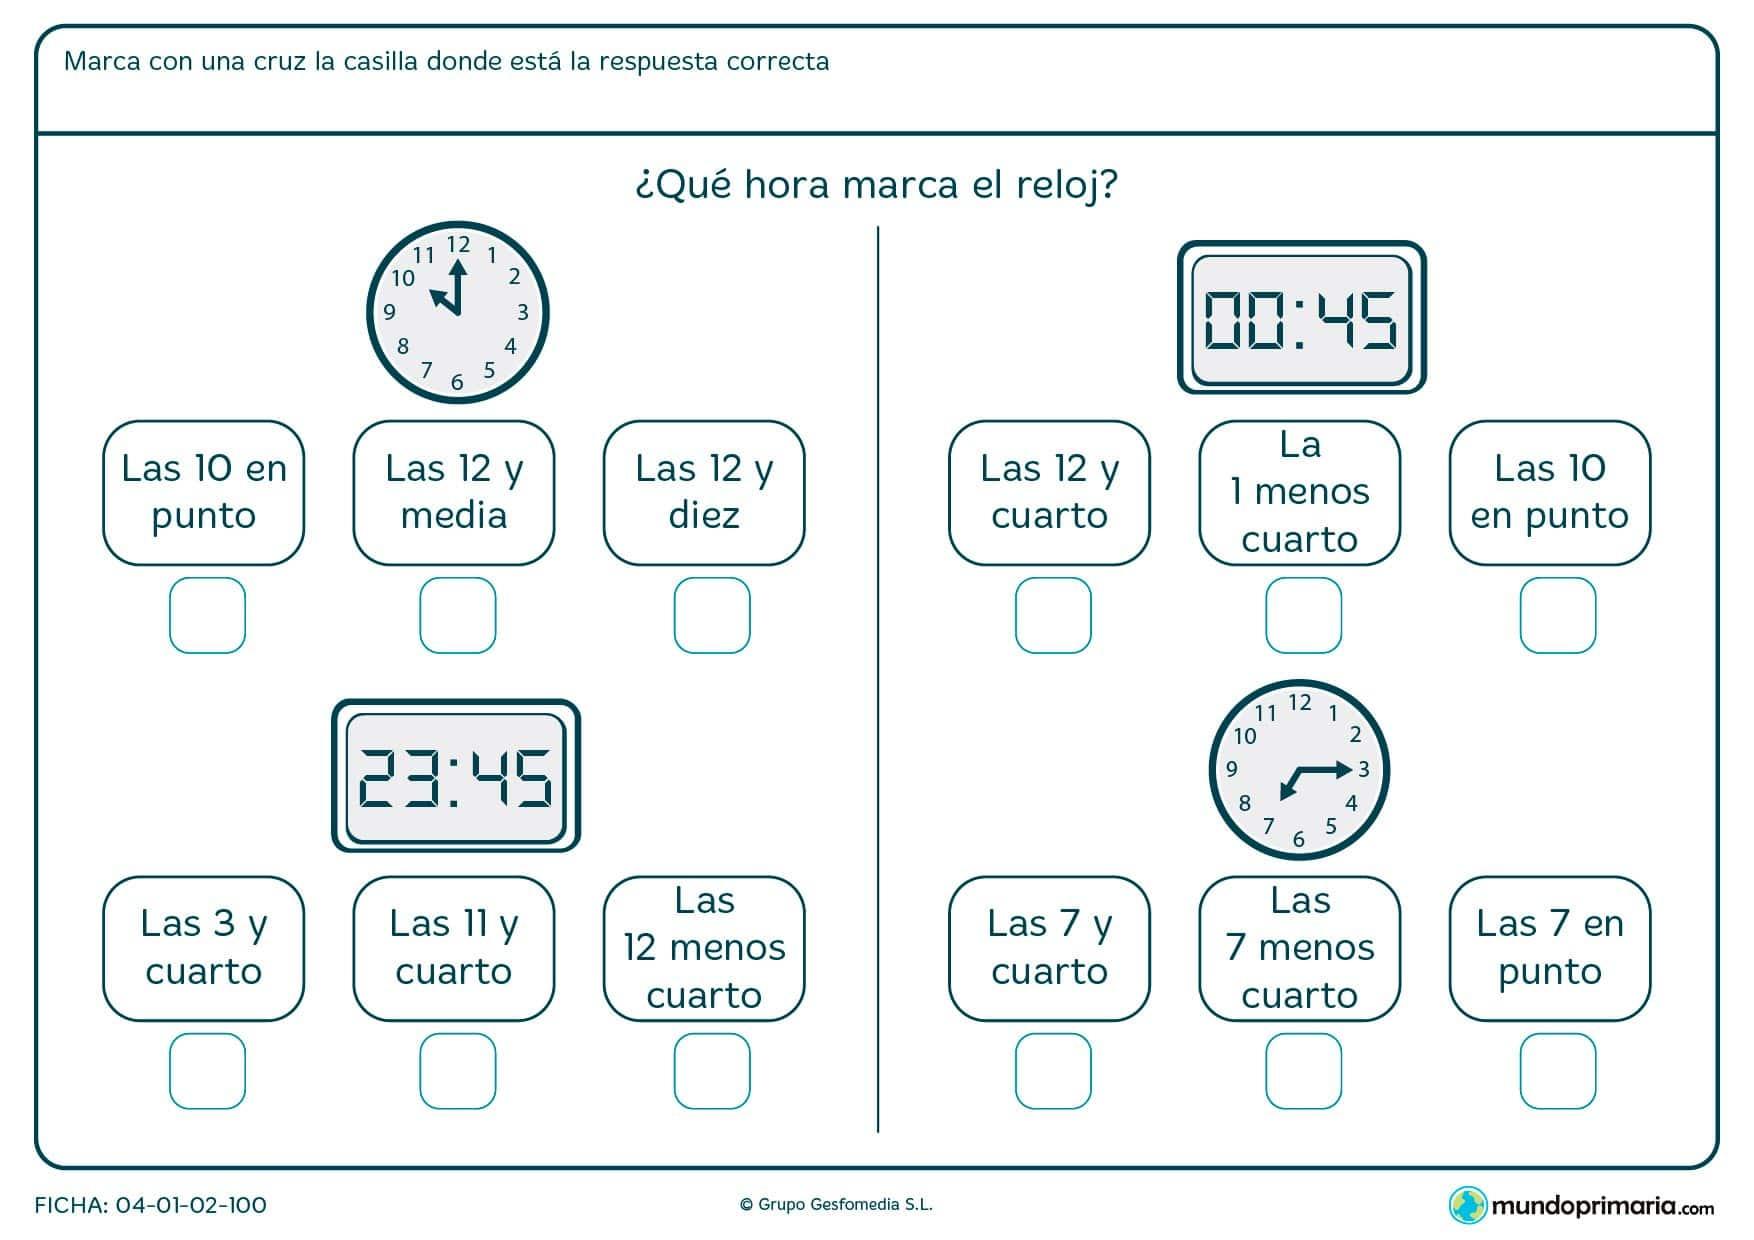 Ficha de relojes analógicos y digitales. Señala la casilla que marca la hora correcta del reloj de la imagen.